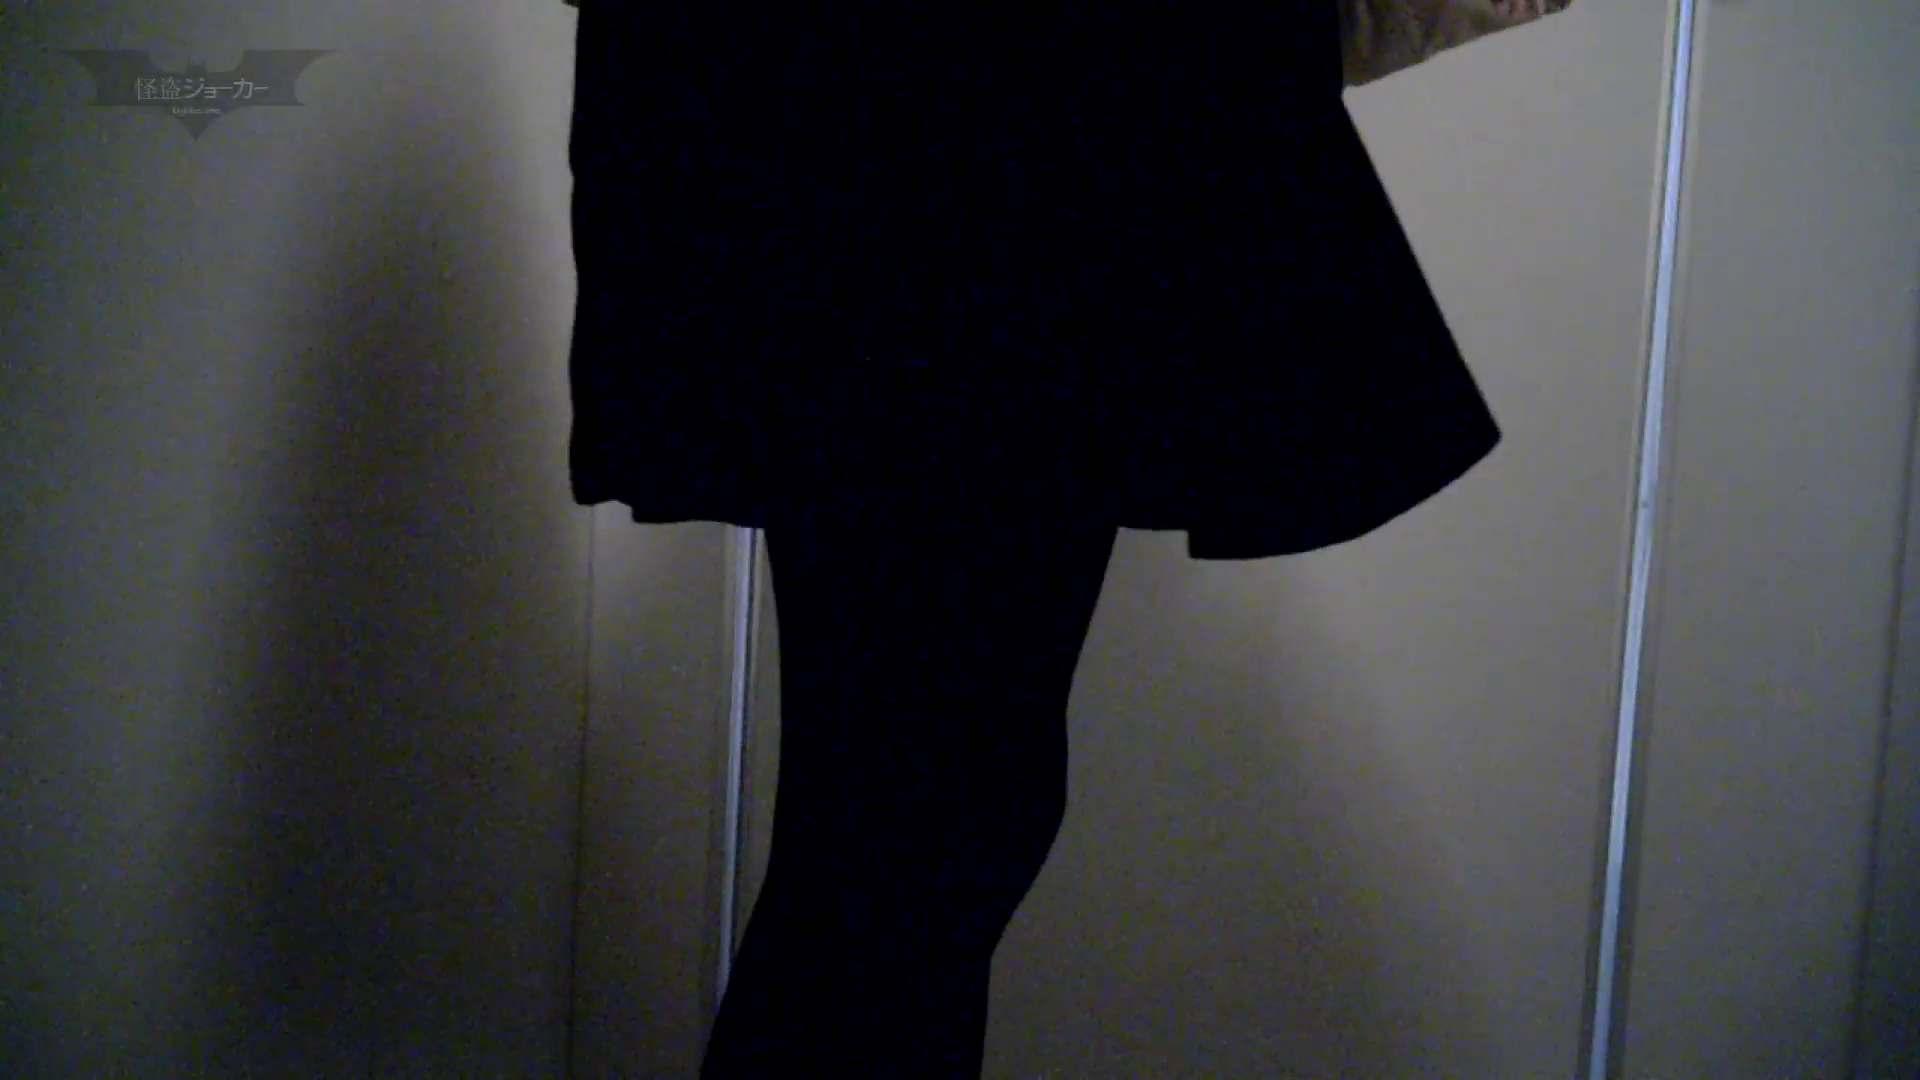 有名大学女性洗面所 vol.57 S級美女マルチアングル撮り!! 洗面所 隠し撮りAV無料 103pic 10